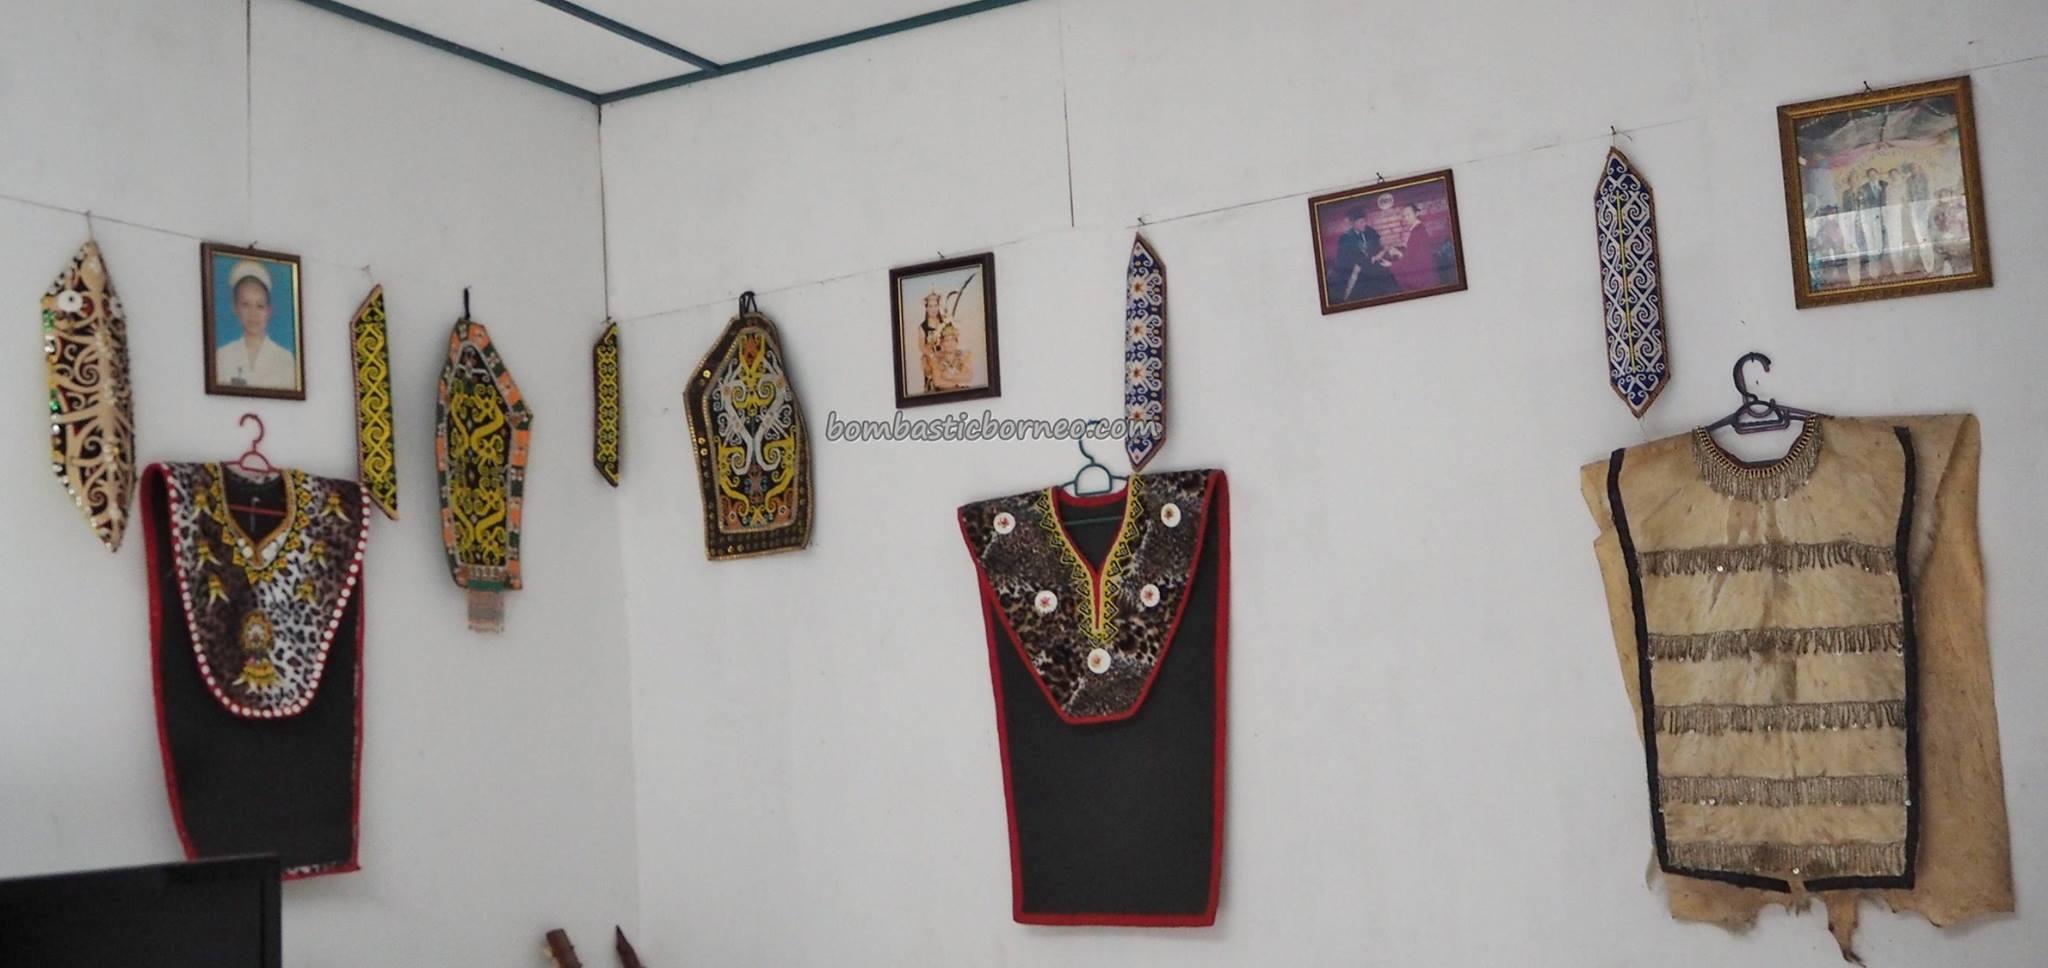 indigenous, destination, rumah panjang, village, Borneo, Kapit, Dayak, Orang Ulu, tribal, tribe, kraftangan, Tourism, travel guide, 婆罗州长屋, 沙捞越旅游景点